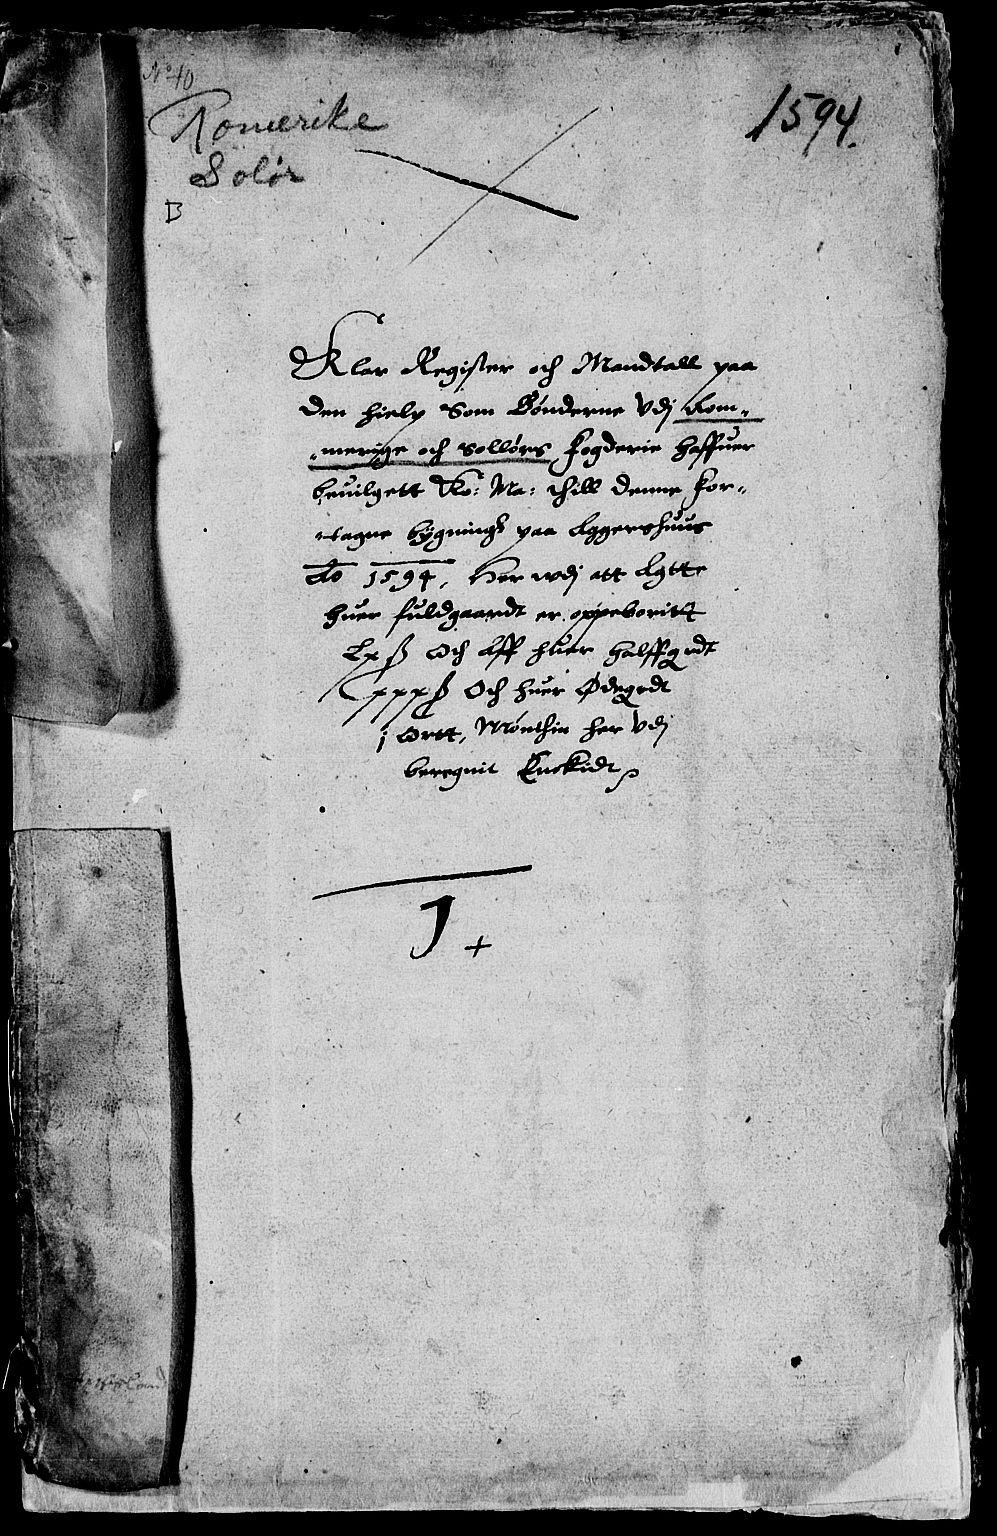 RA, Rentekammeret inntil 1814, Reviderte regnskaper, Lensregnskaper, R/Rb/Rba/L0007: Akershus len, 1588-1597